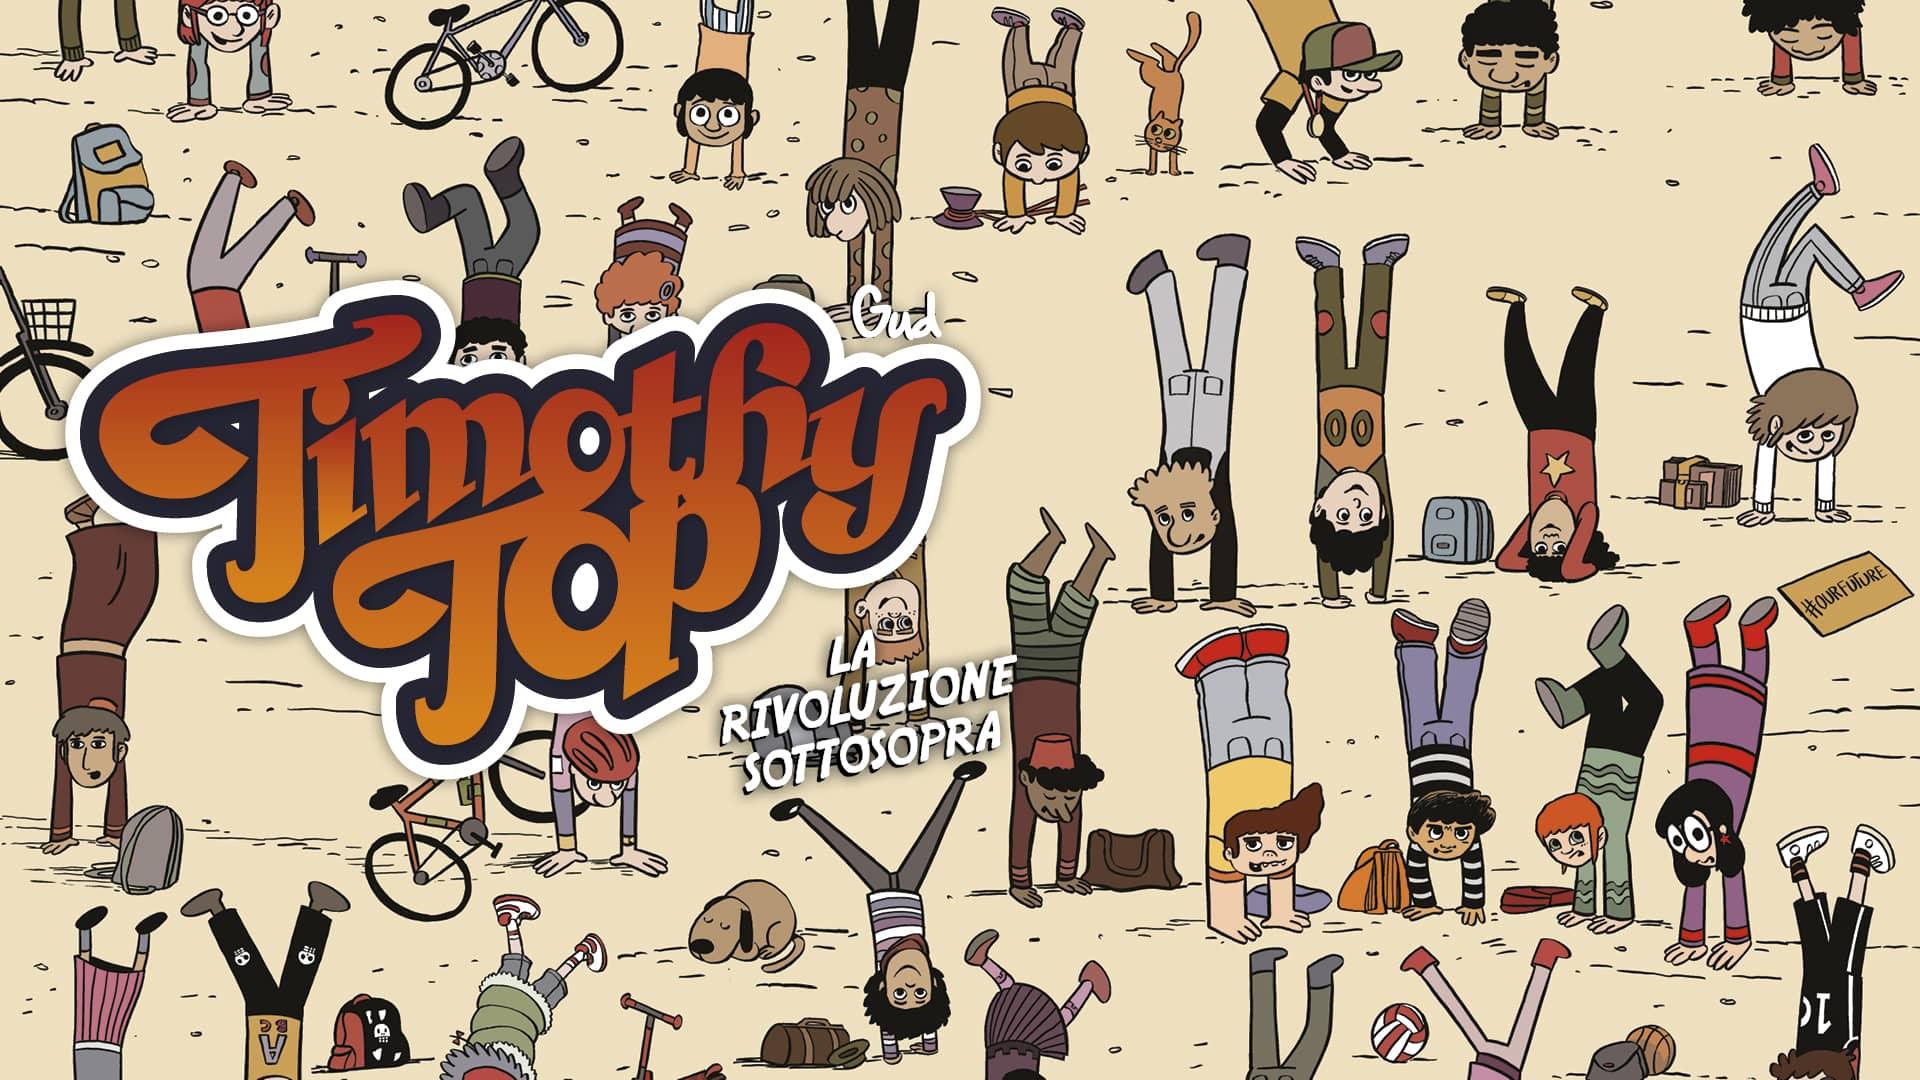 Timothy Top. La rivoluzione sottosopra. Graphic novel ambiente. Adulti insensibili all'ambiente. i piccoli greta tumberg italiani